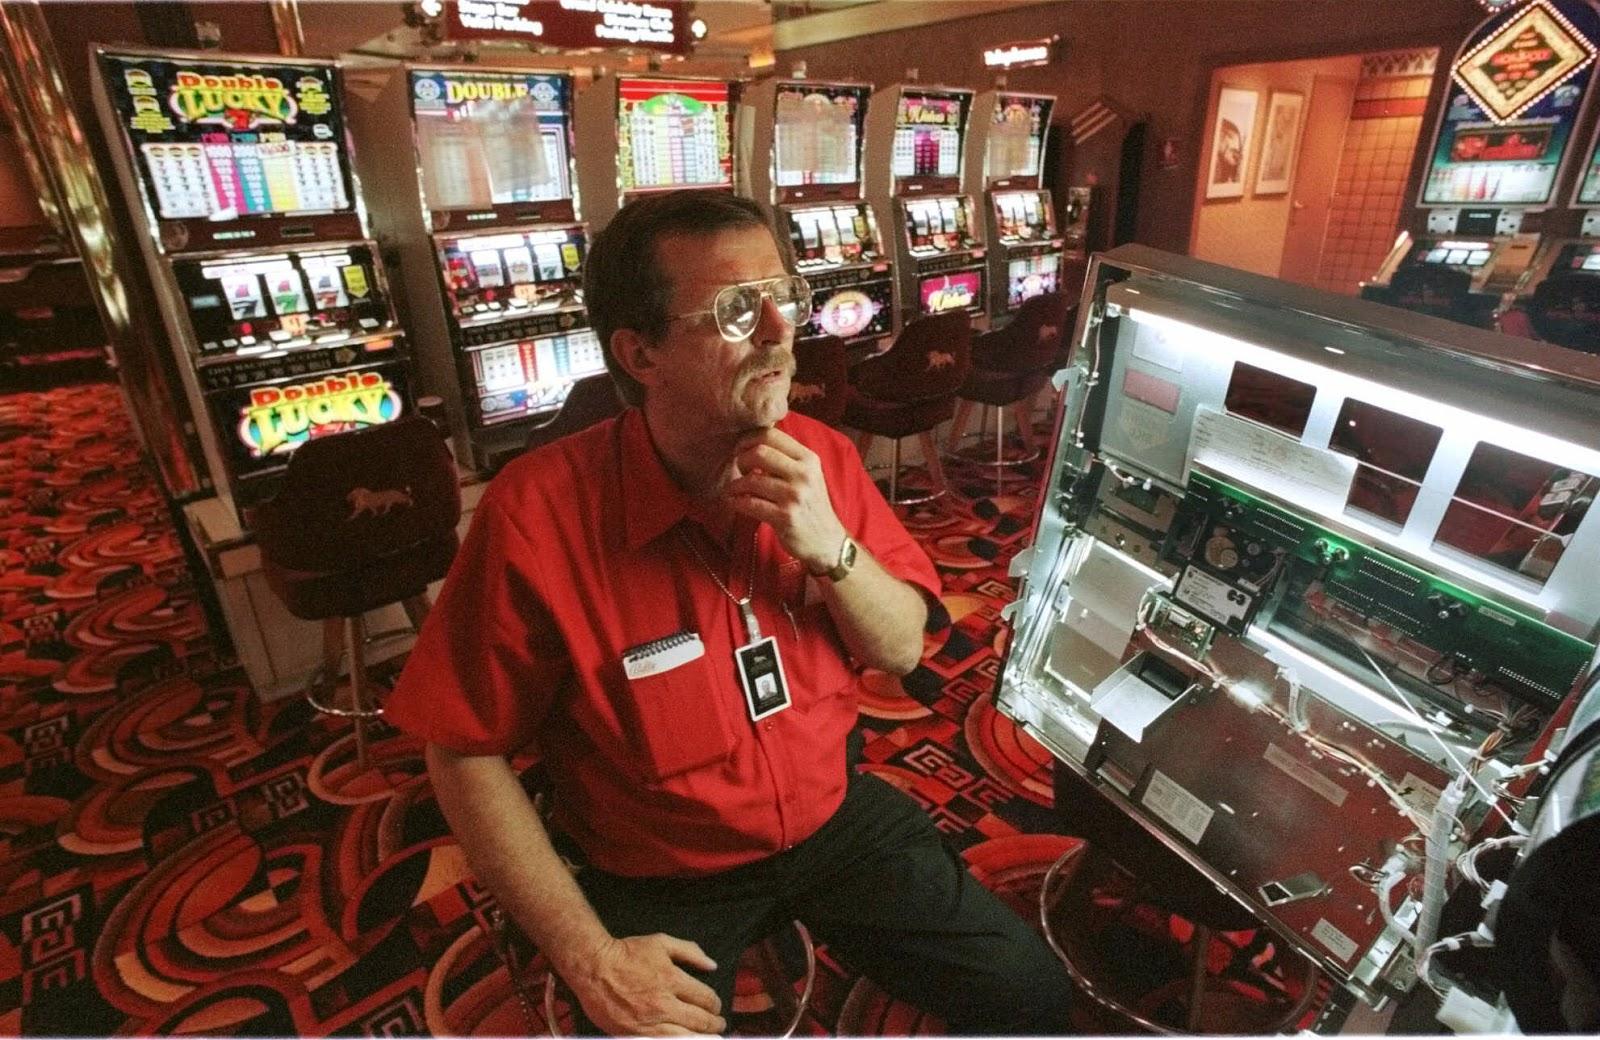 Кассир казино на судах казино онлайн рулетка игровые автоматы автоматы бесплатно скачать автоматы азартные